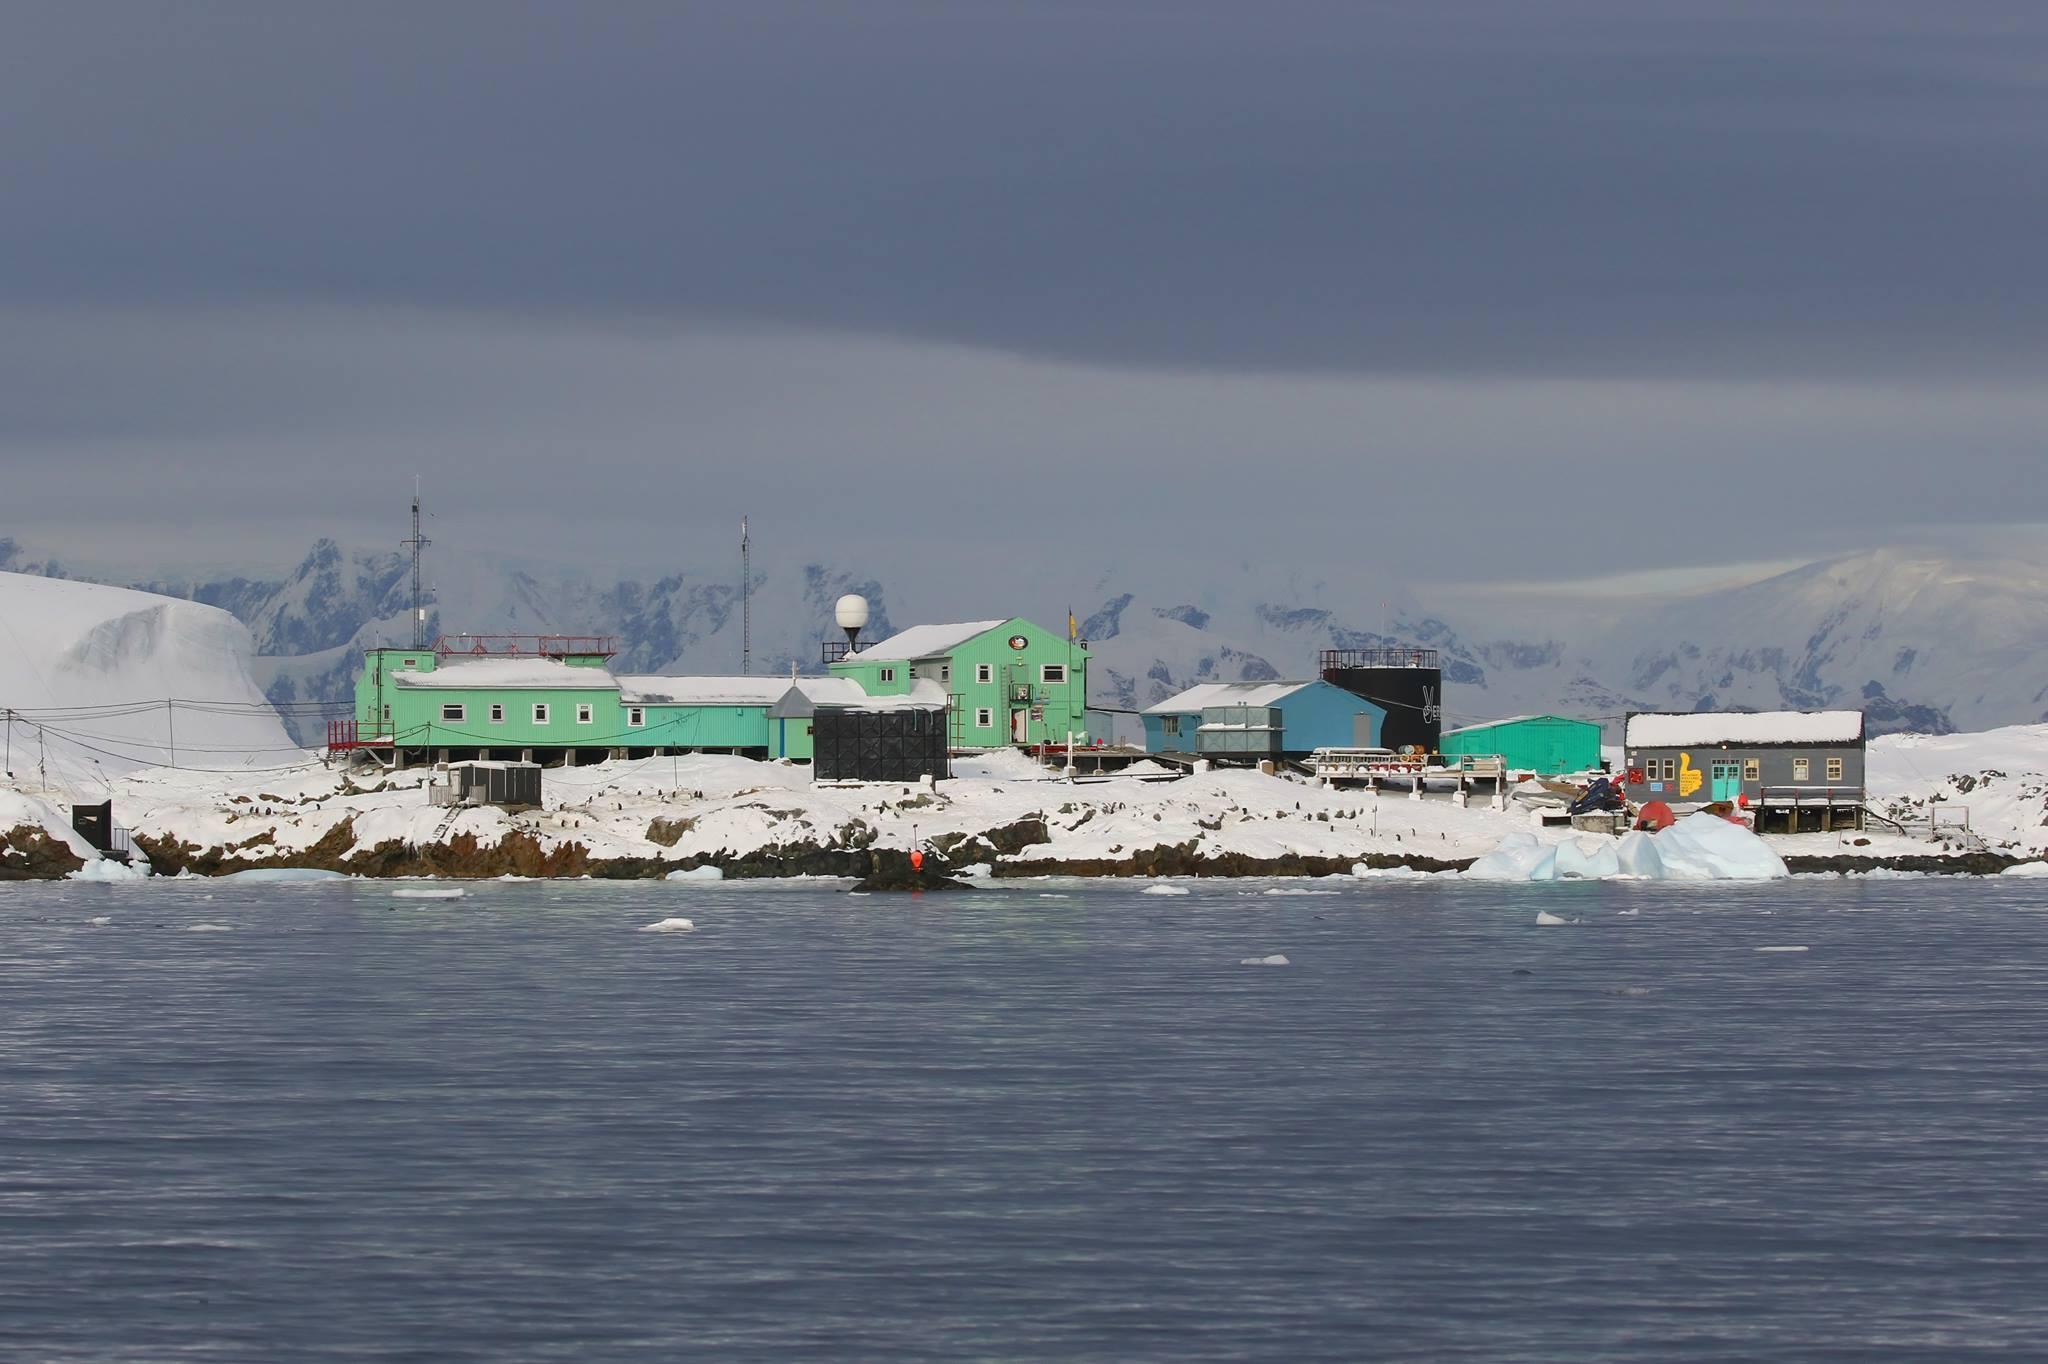 """Станція """"Академік Вернадський"""" стала найбільш екодружньою до Антарктиди – міжнародні експерти"""